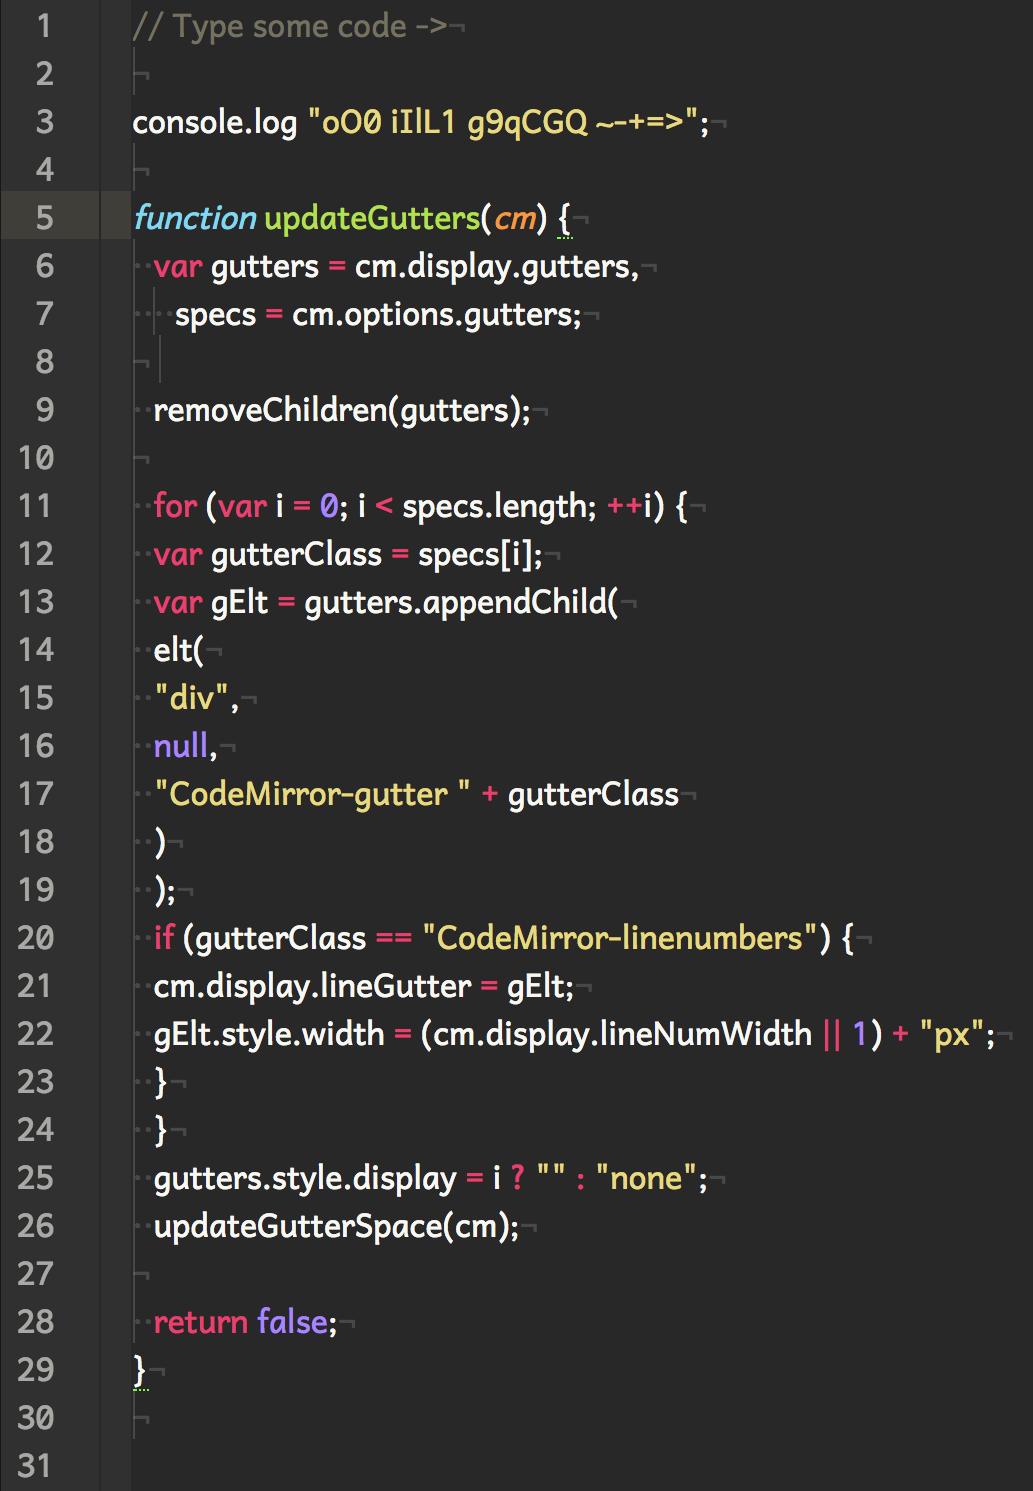 [Screenshot of code in Andika font]